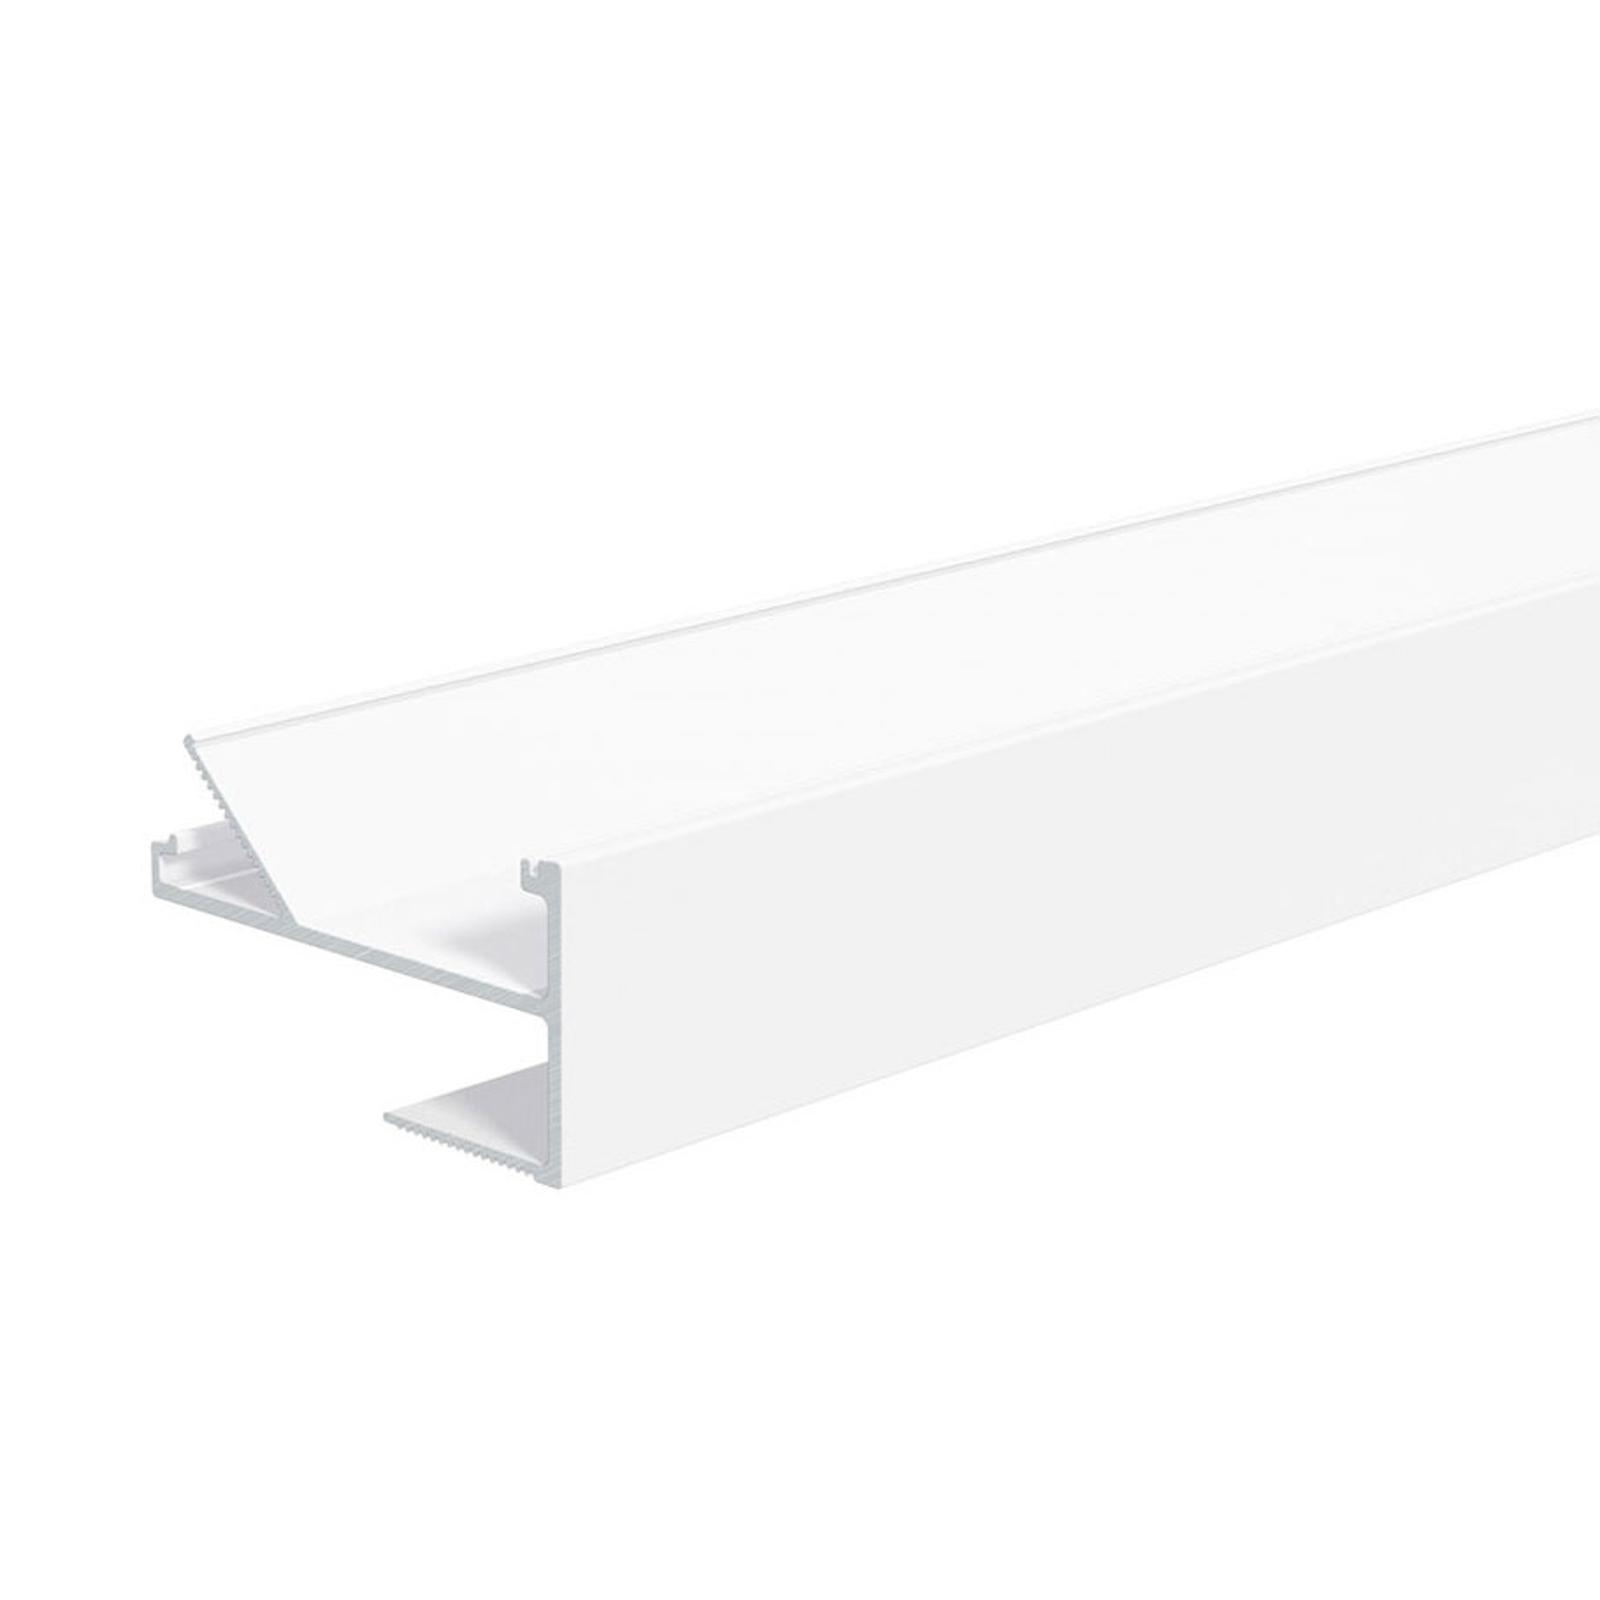 EVN APTBH Alu-Profil deckengerichtet 100cm weiß